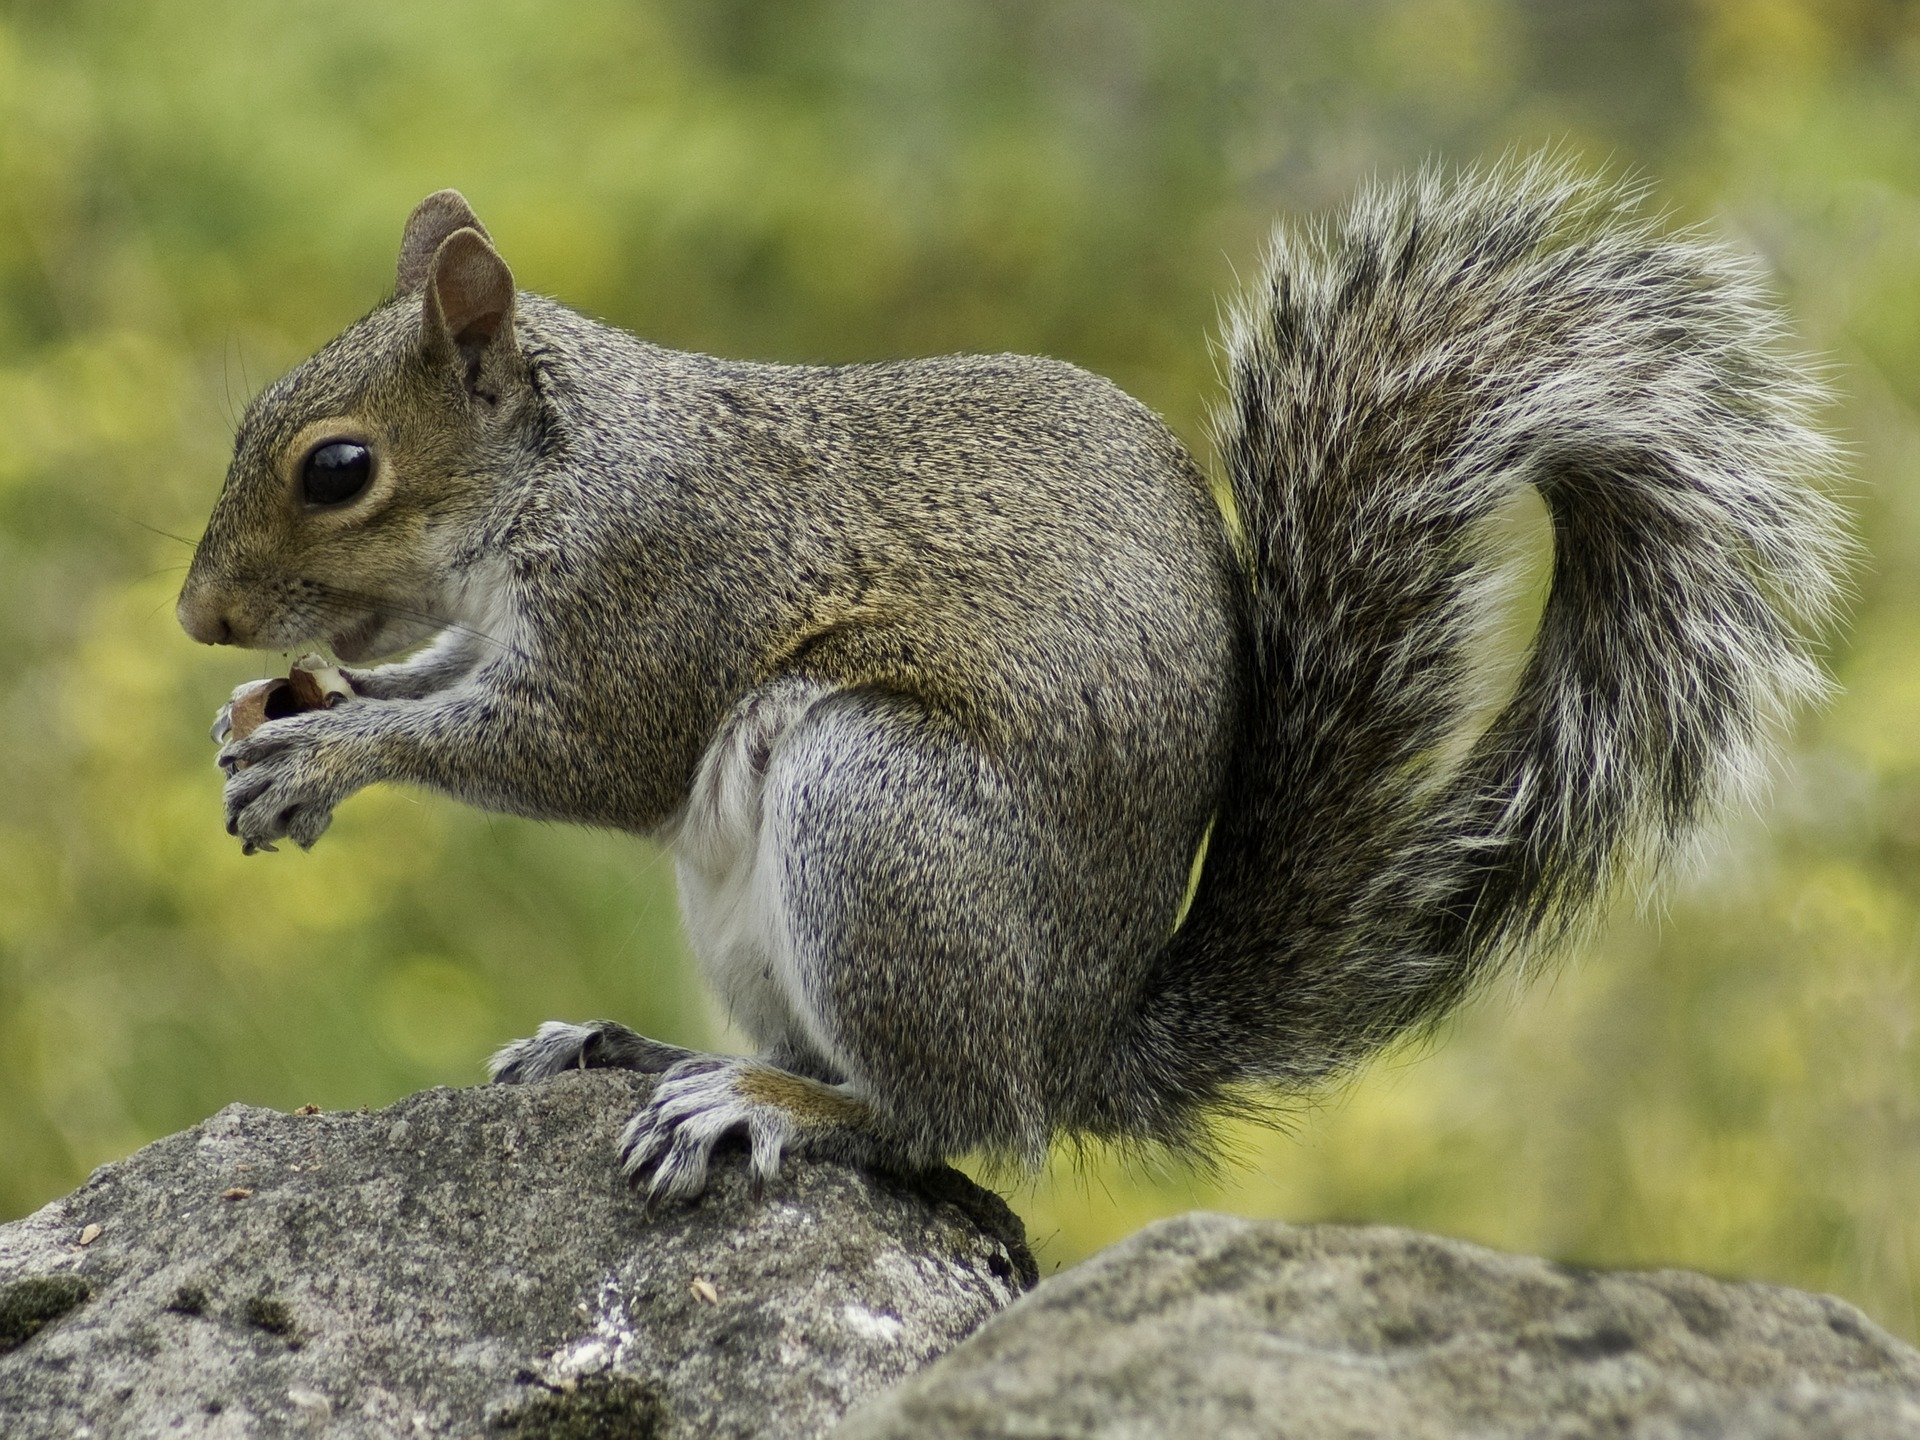 Zdjęcie wiewiórki szarej